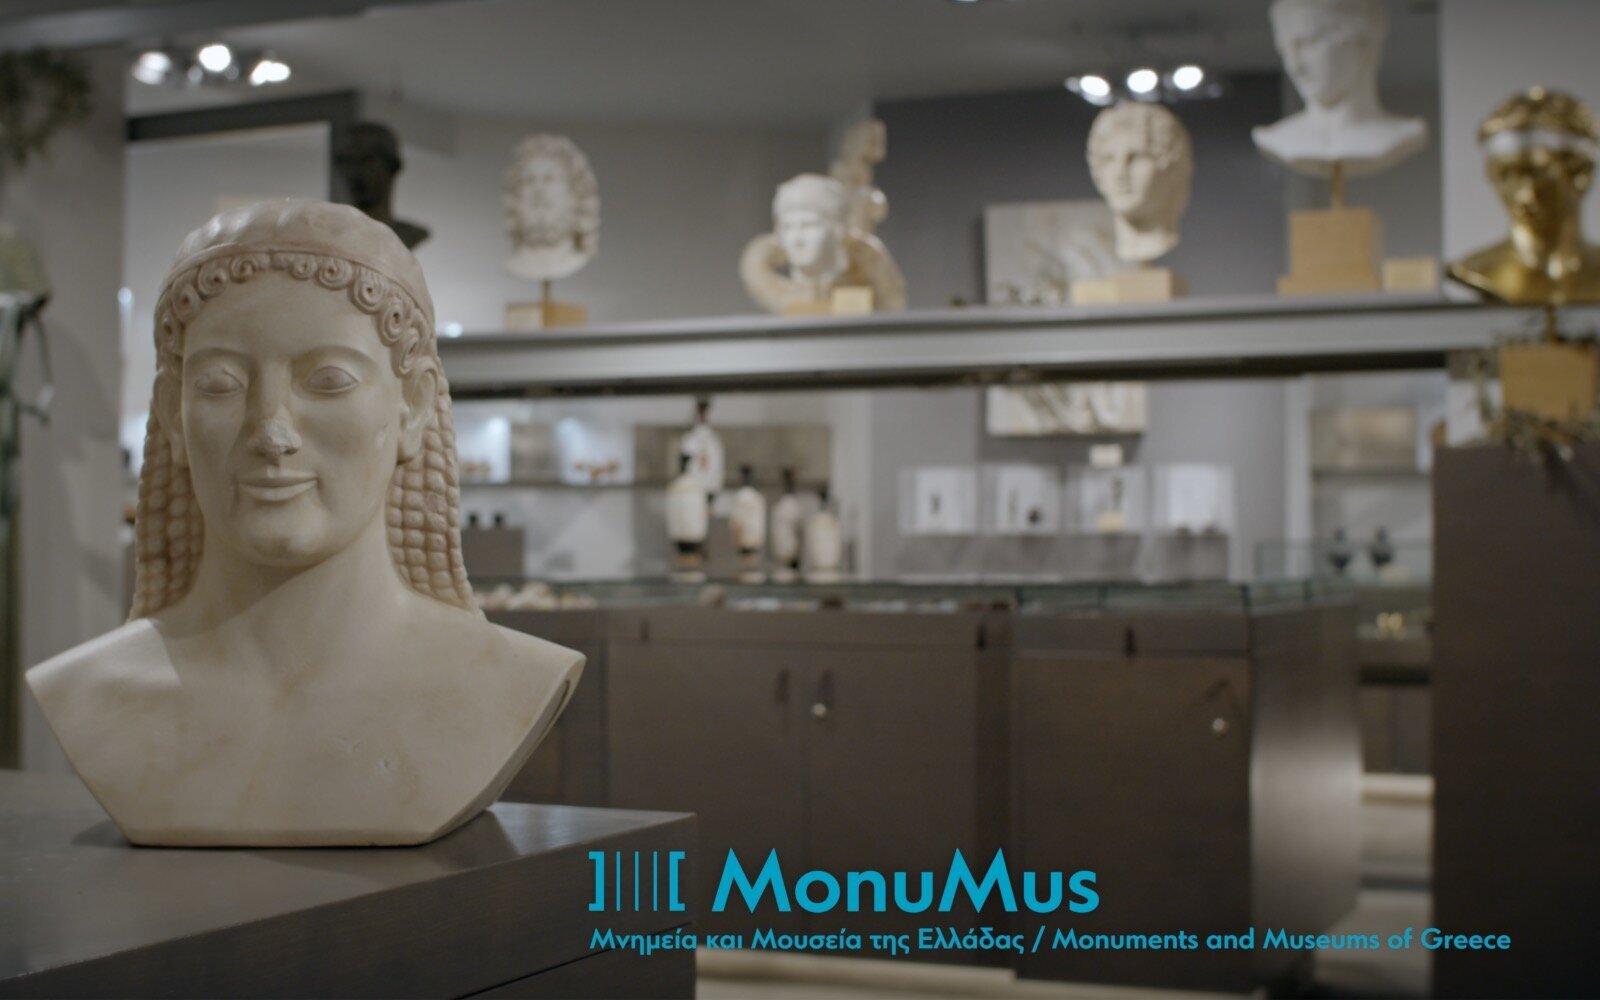 Τα ακριβή αντίγραφα των αριστουργημάτων των ελληνικών μουσείων σε ένα